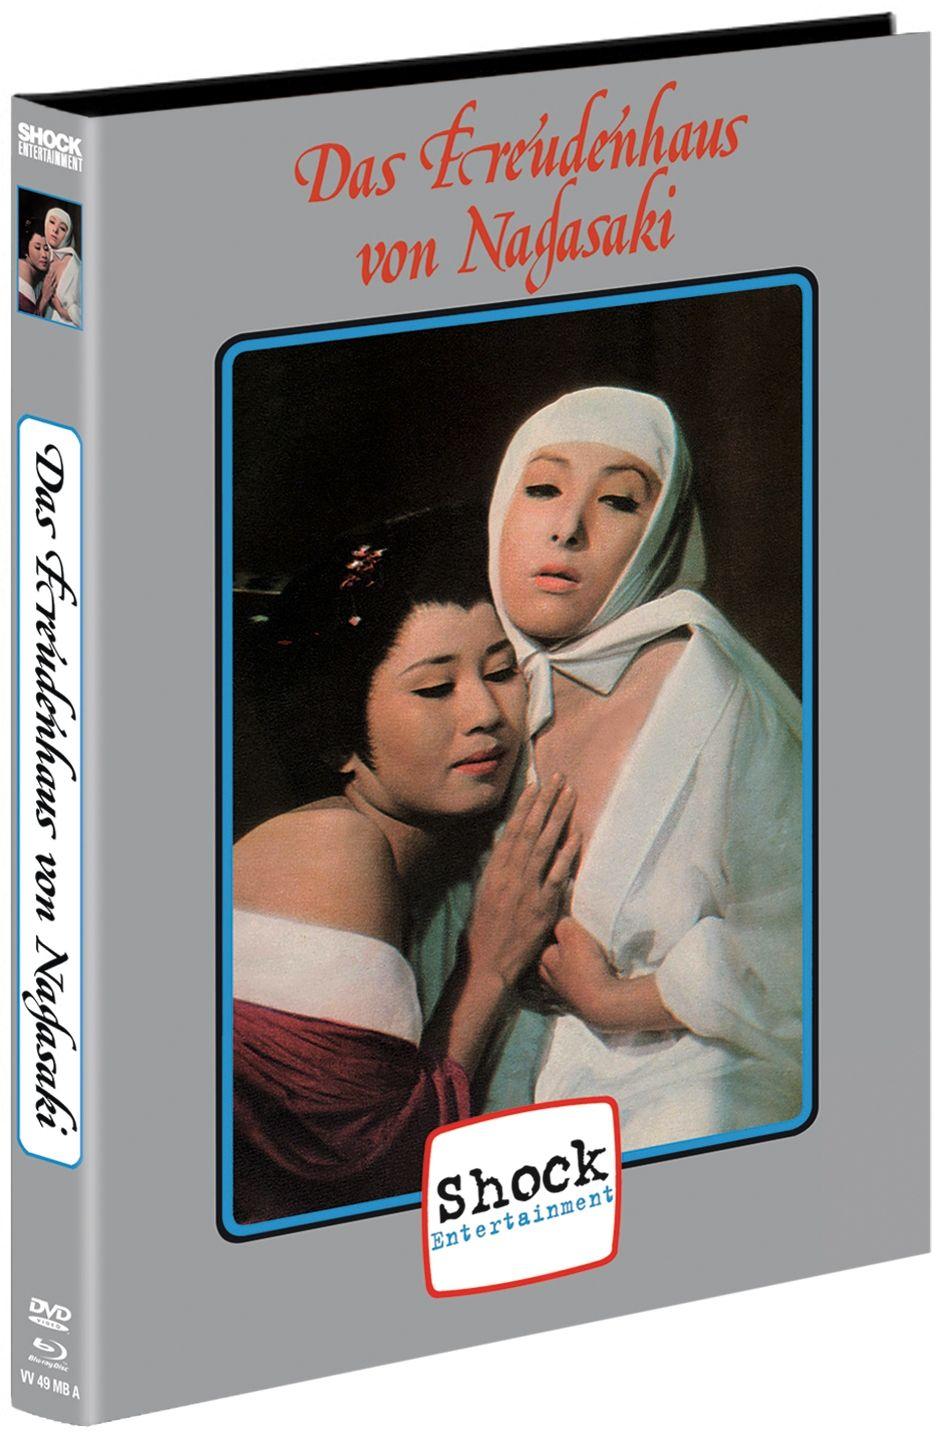 Freudenhaus von Nagasaki, Das (Lim. Uncut Mediabook - Cover A) (DVD + BLURAY)